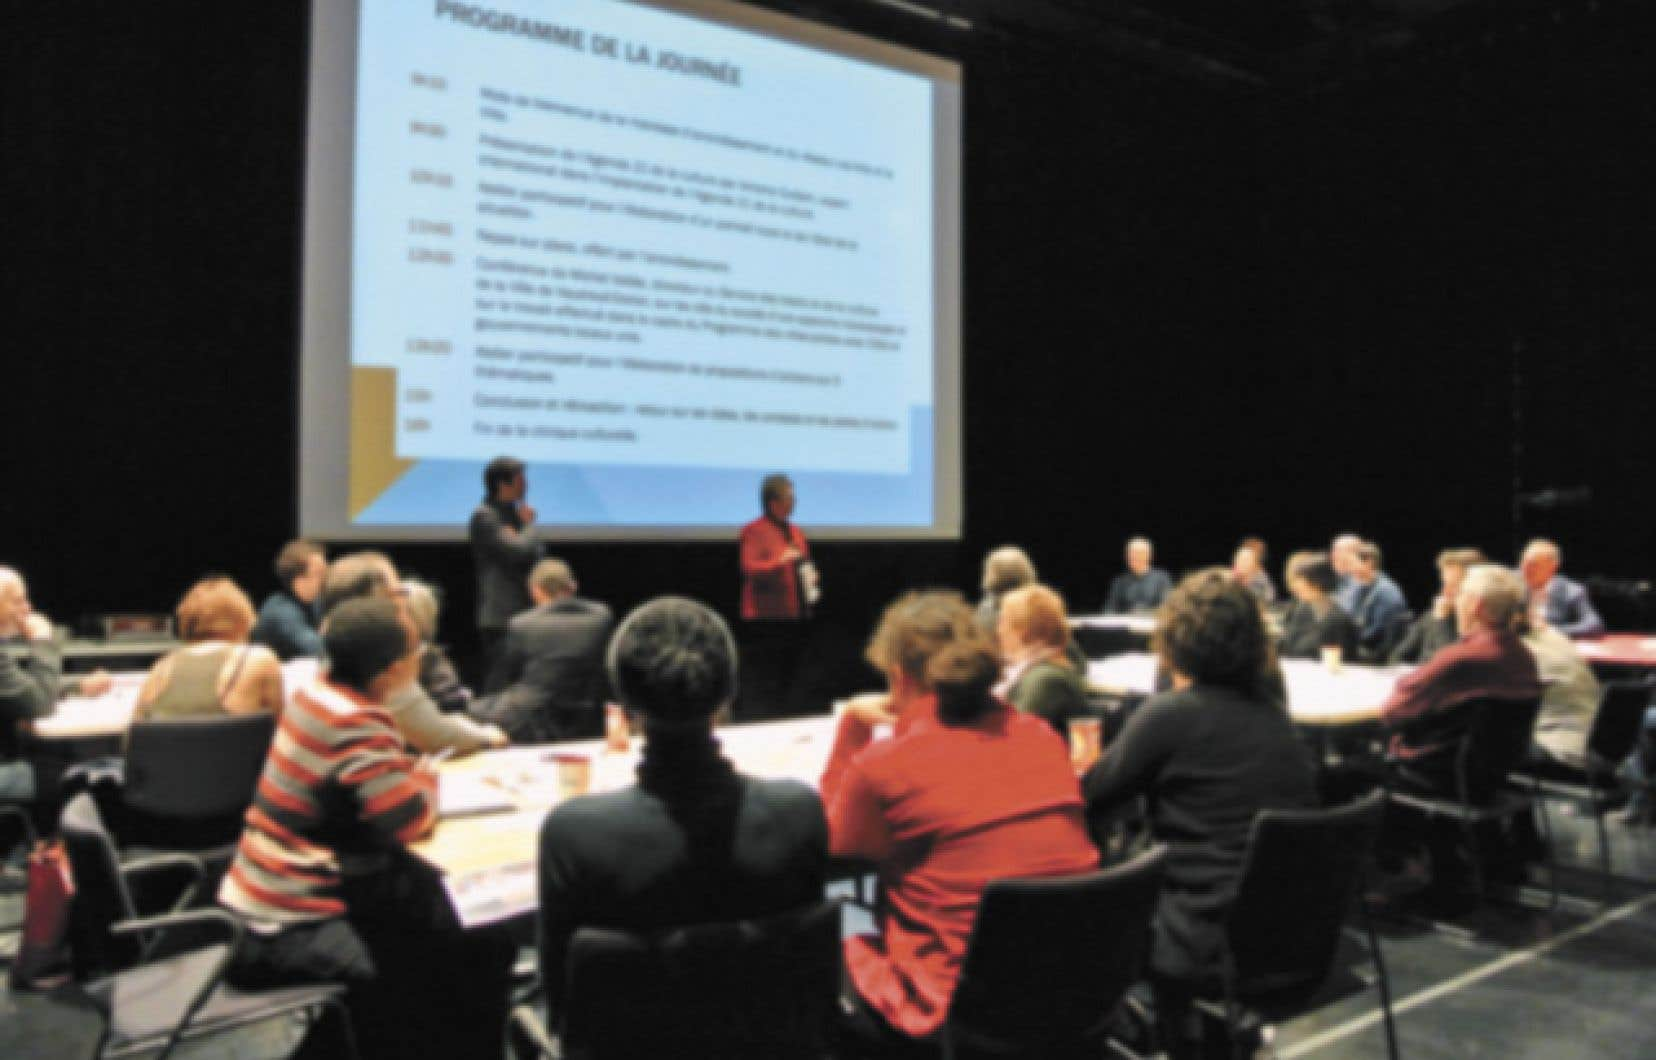 Les cliniques culturelles accompagnent des municipalités ou des arrondissements dans l'implantation de l'Agenda 21 de la culture (A21C) sur son territoire.